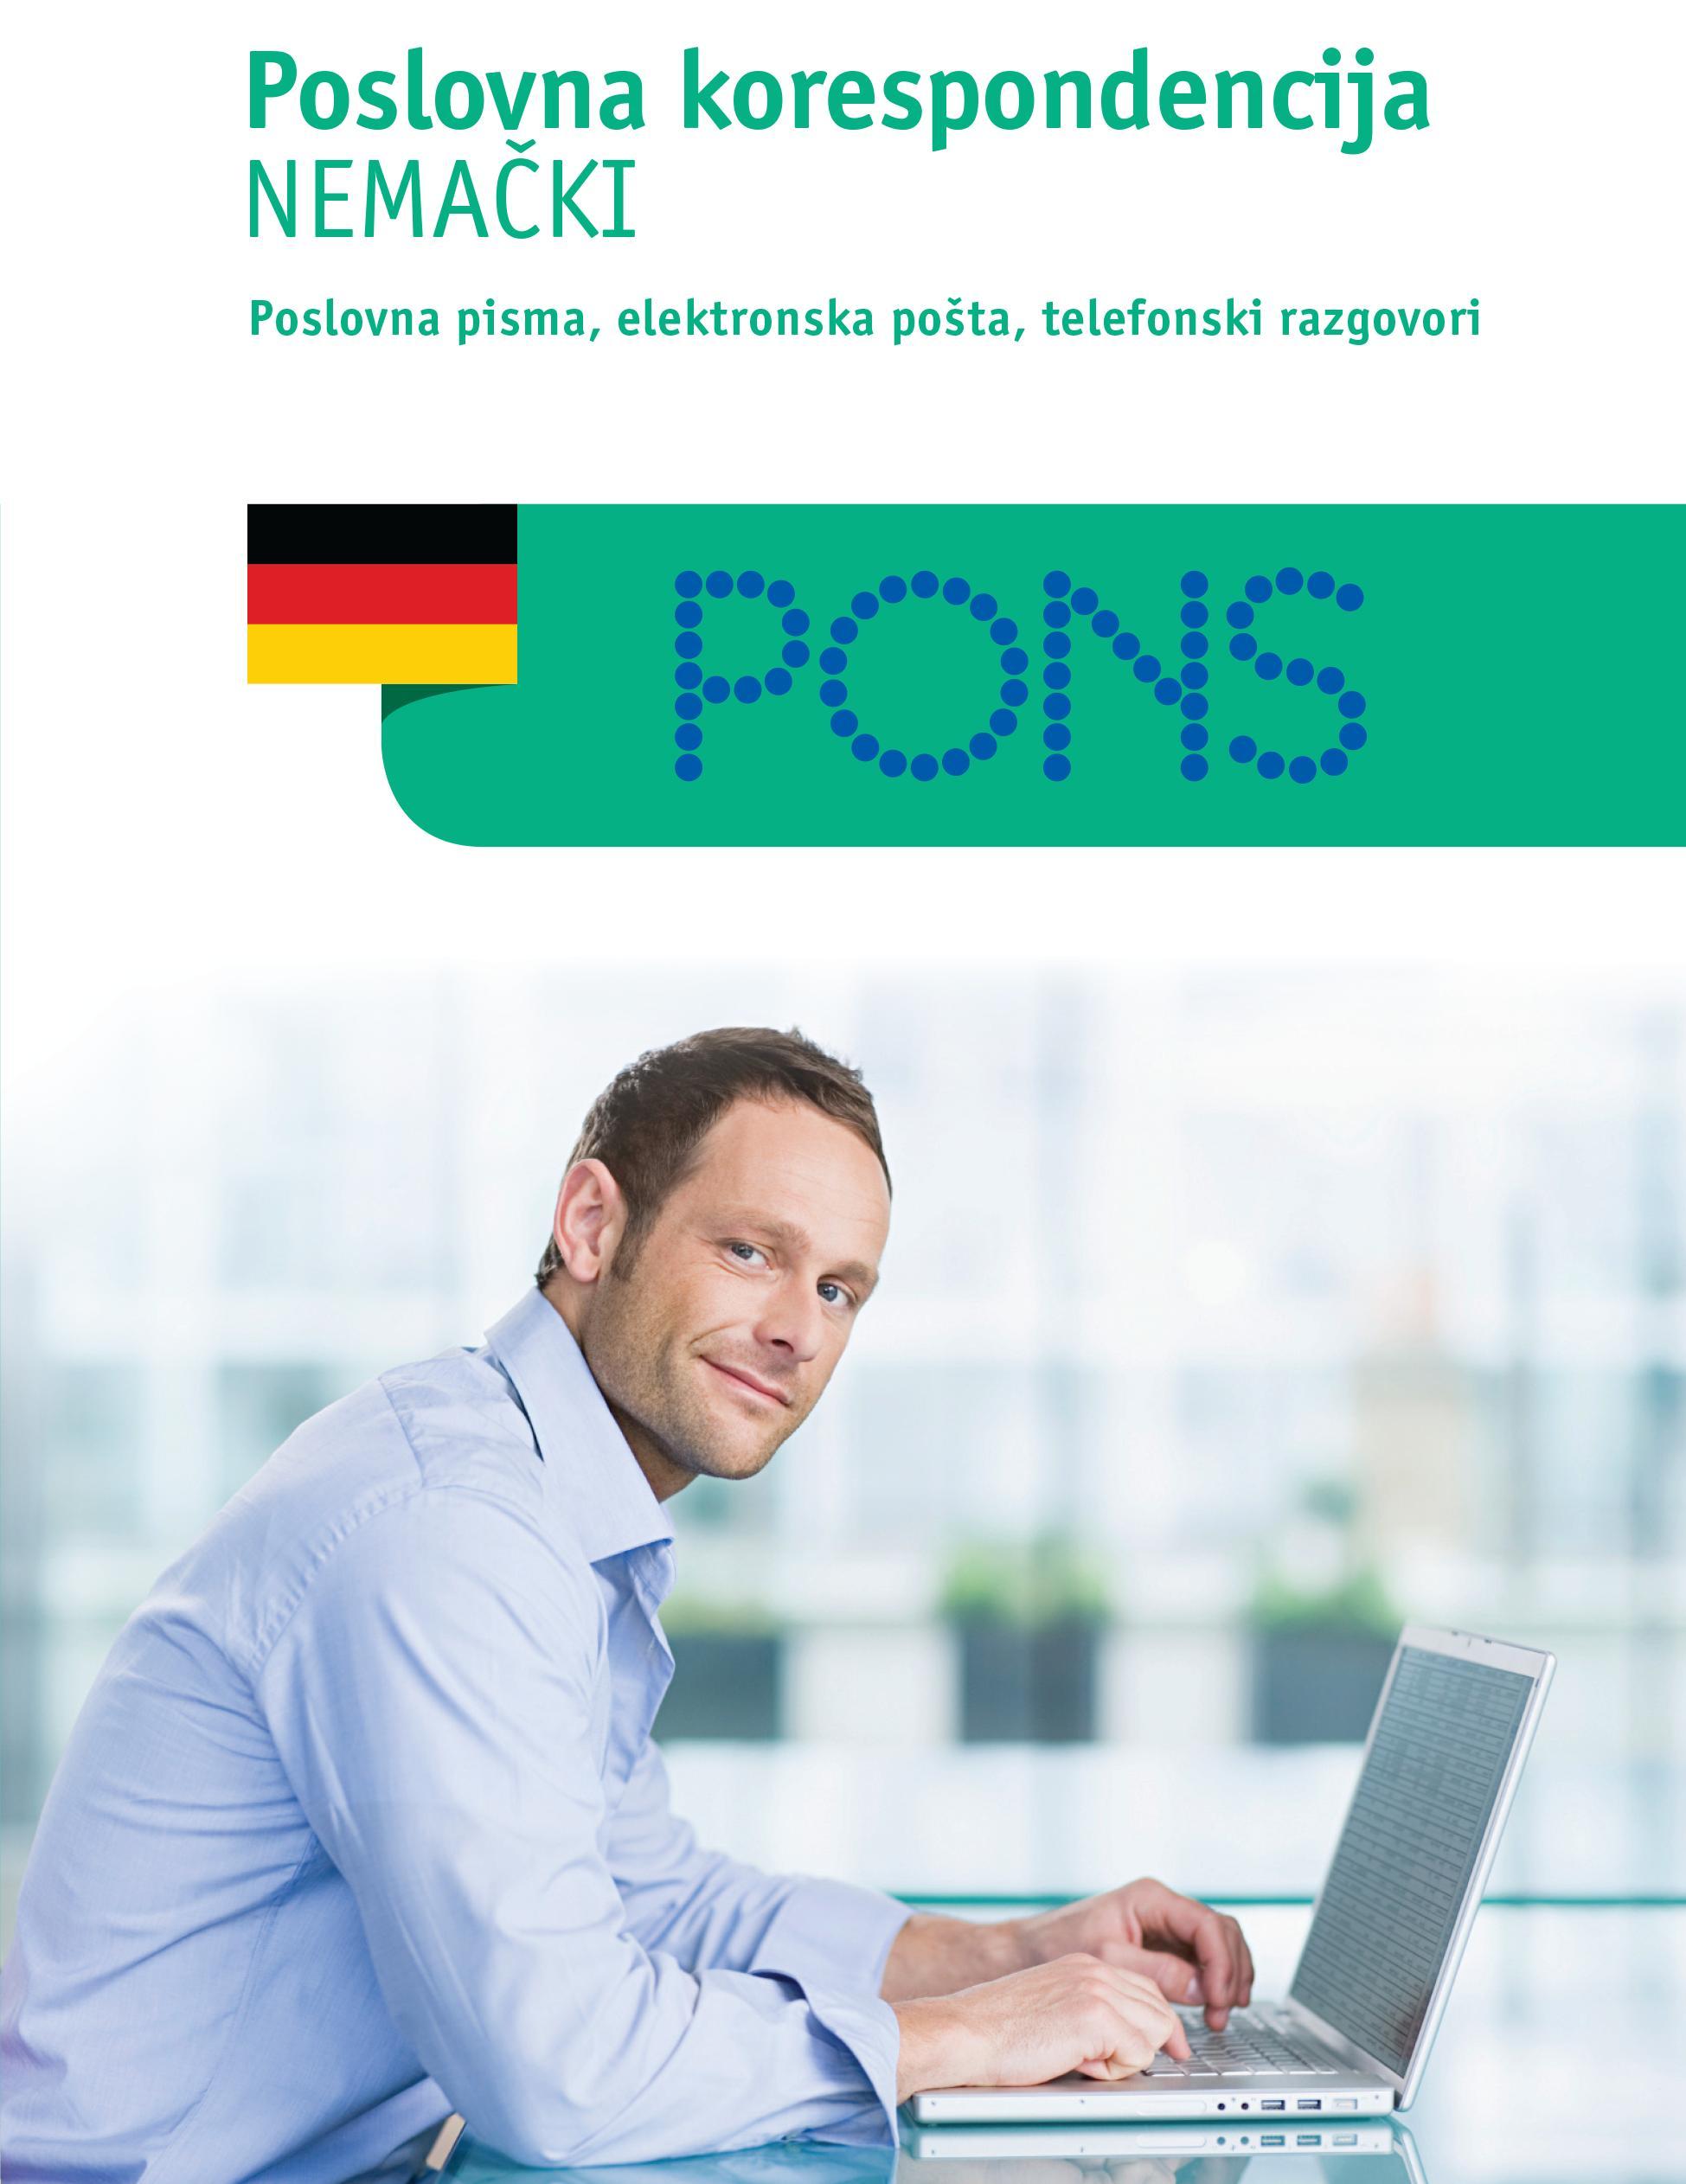 Poslovna korespodencija - nemački